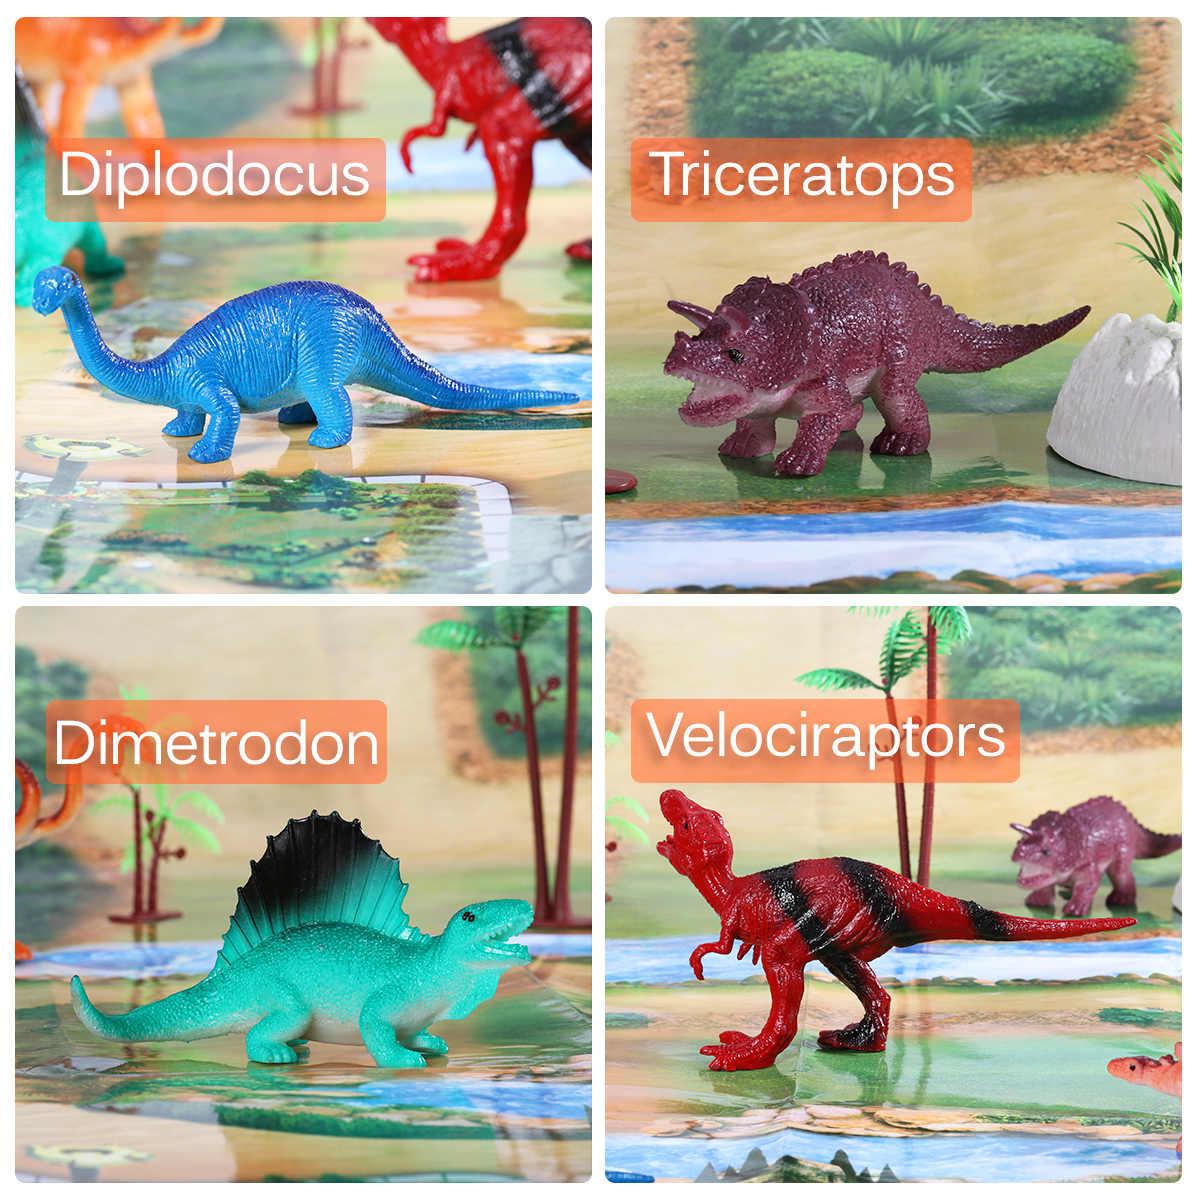 31PCS Realista Não-Tóxico Durável Conjunto de Brinquedo Brinquedos Modelo de Simulação de Dinossauros Animais Figuras Sortido Para Recompensas Presentes Criança